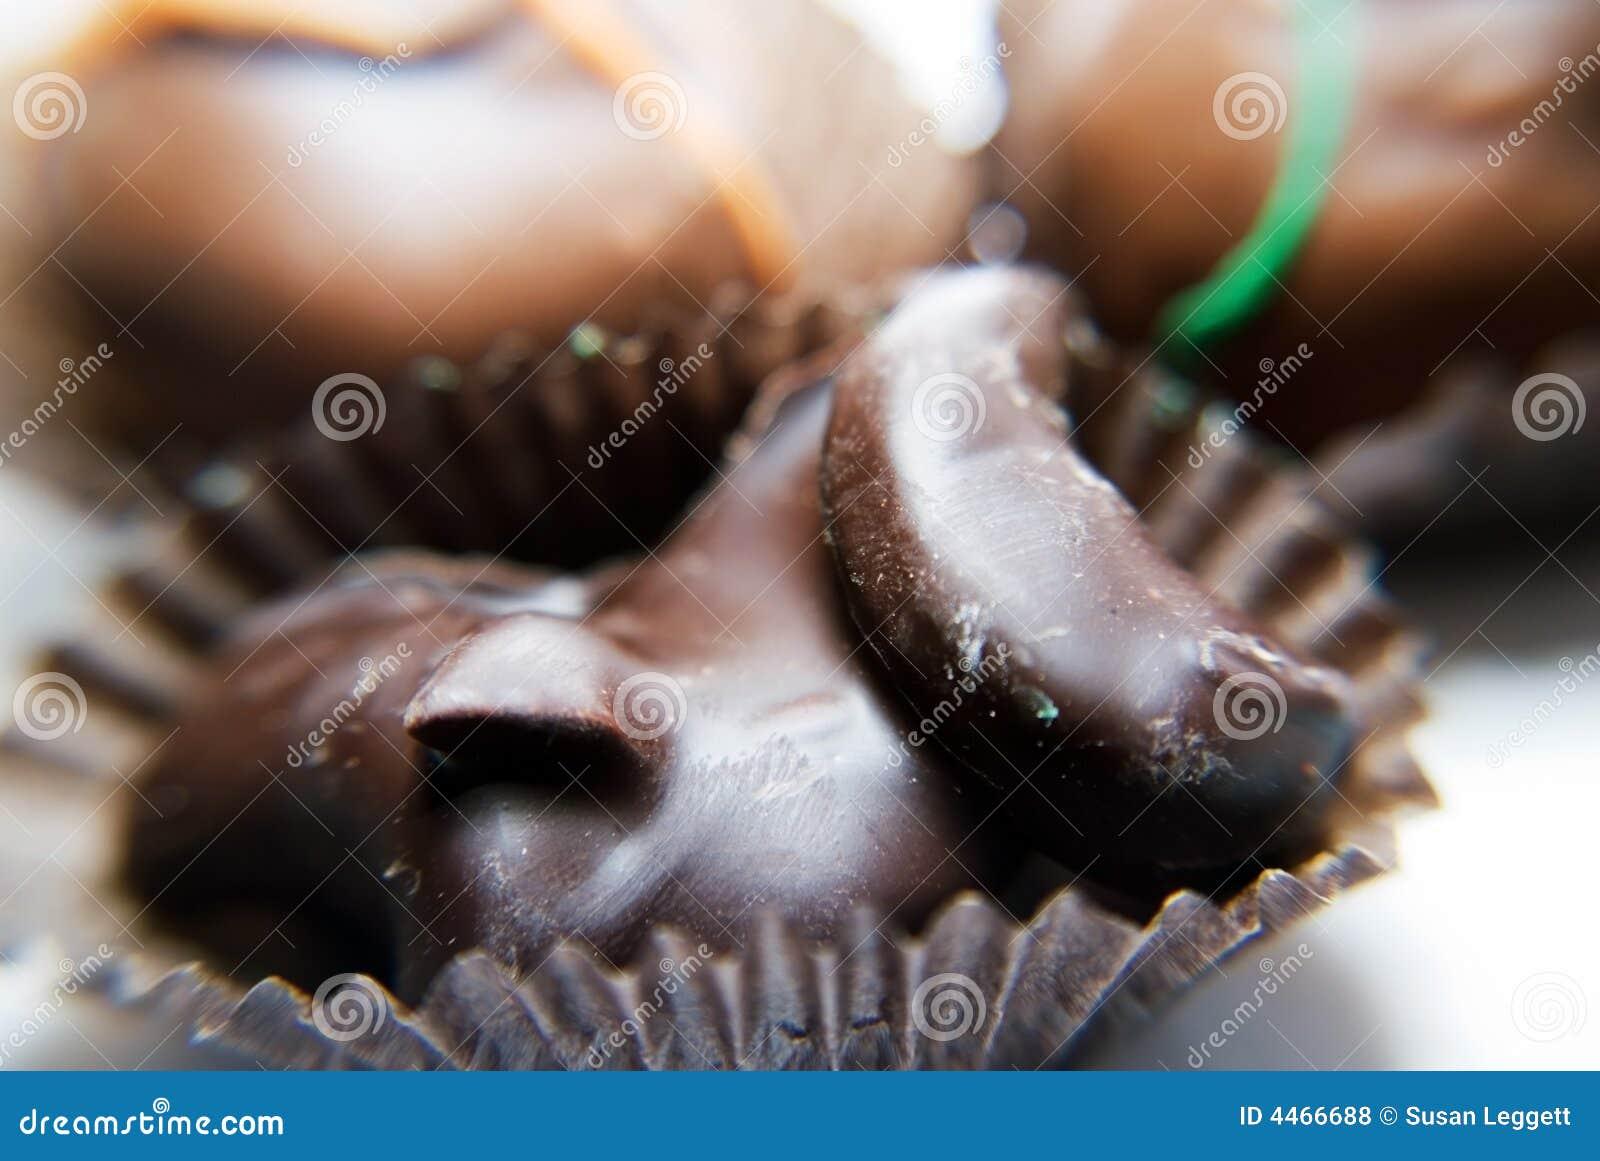 Cashews covered in dark chocolate